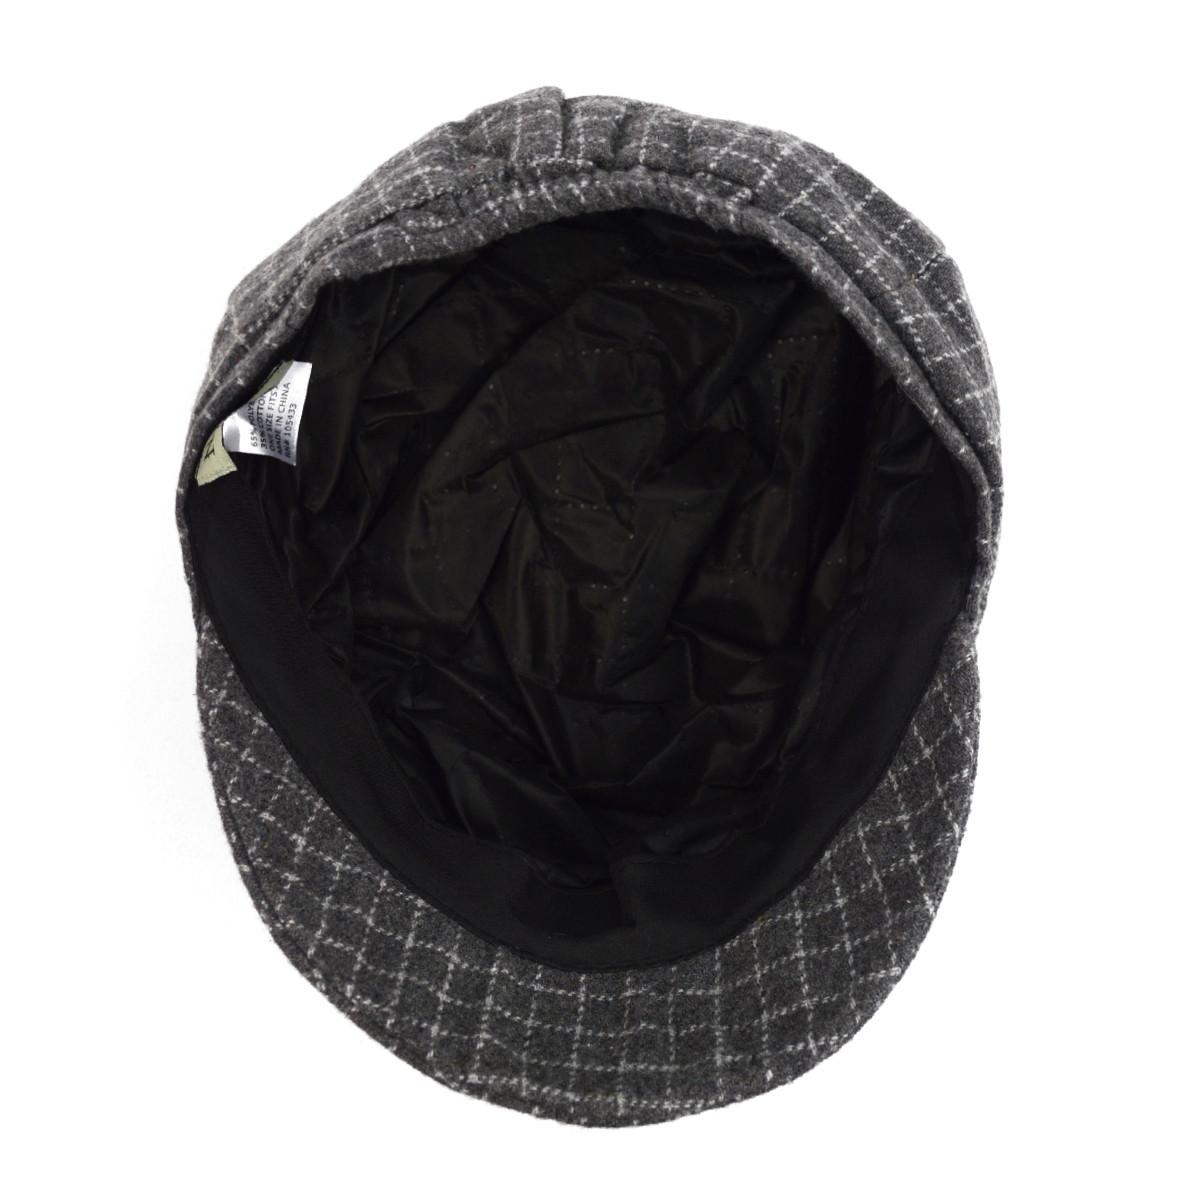 Fall/Winter Unisex Newsboy Duckbill Cap - WNH1760-63